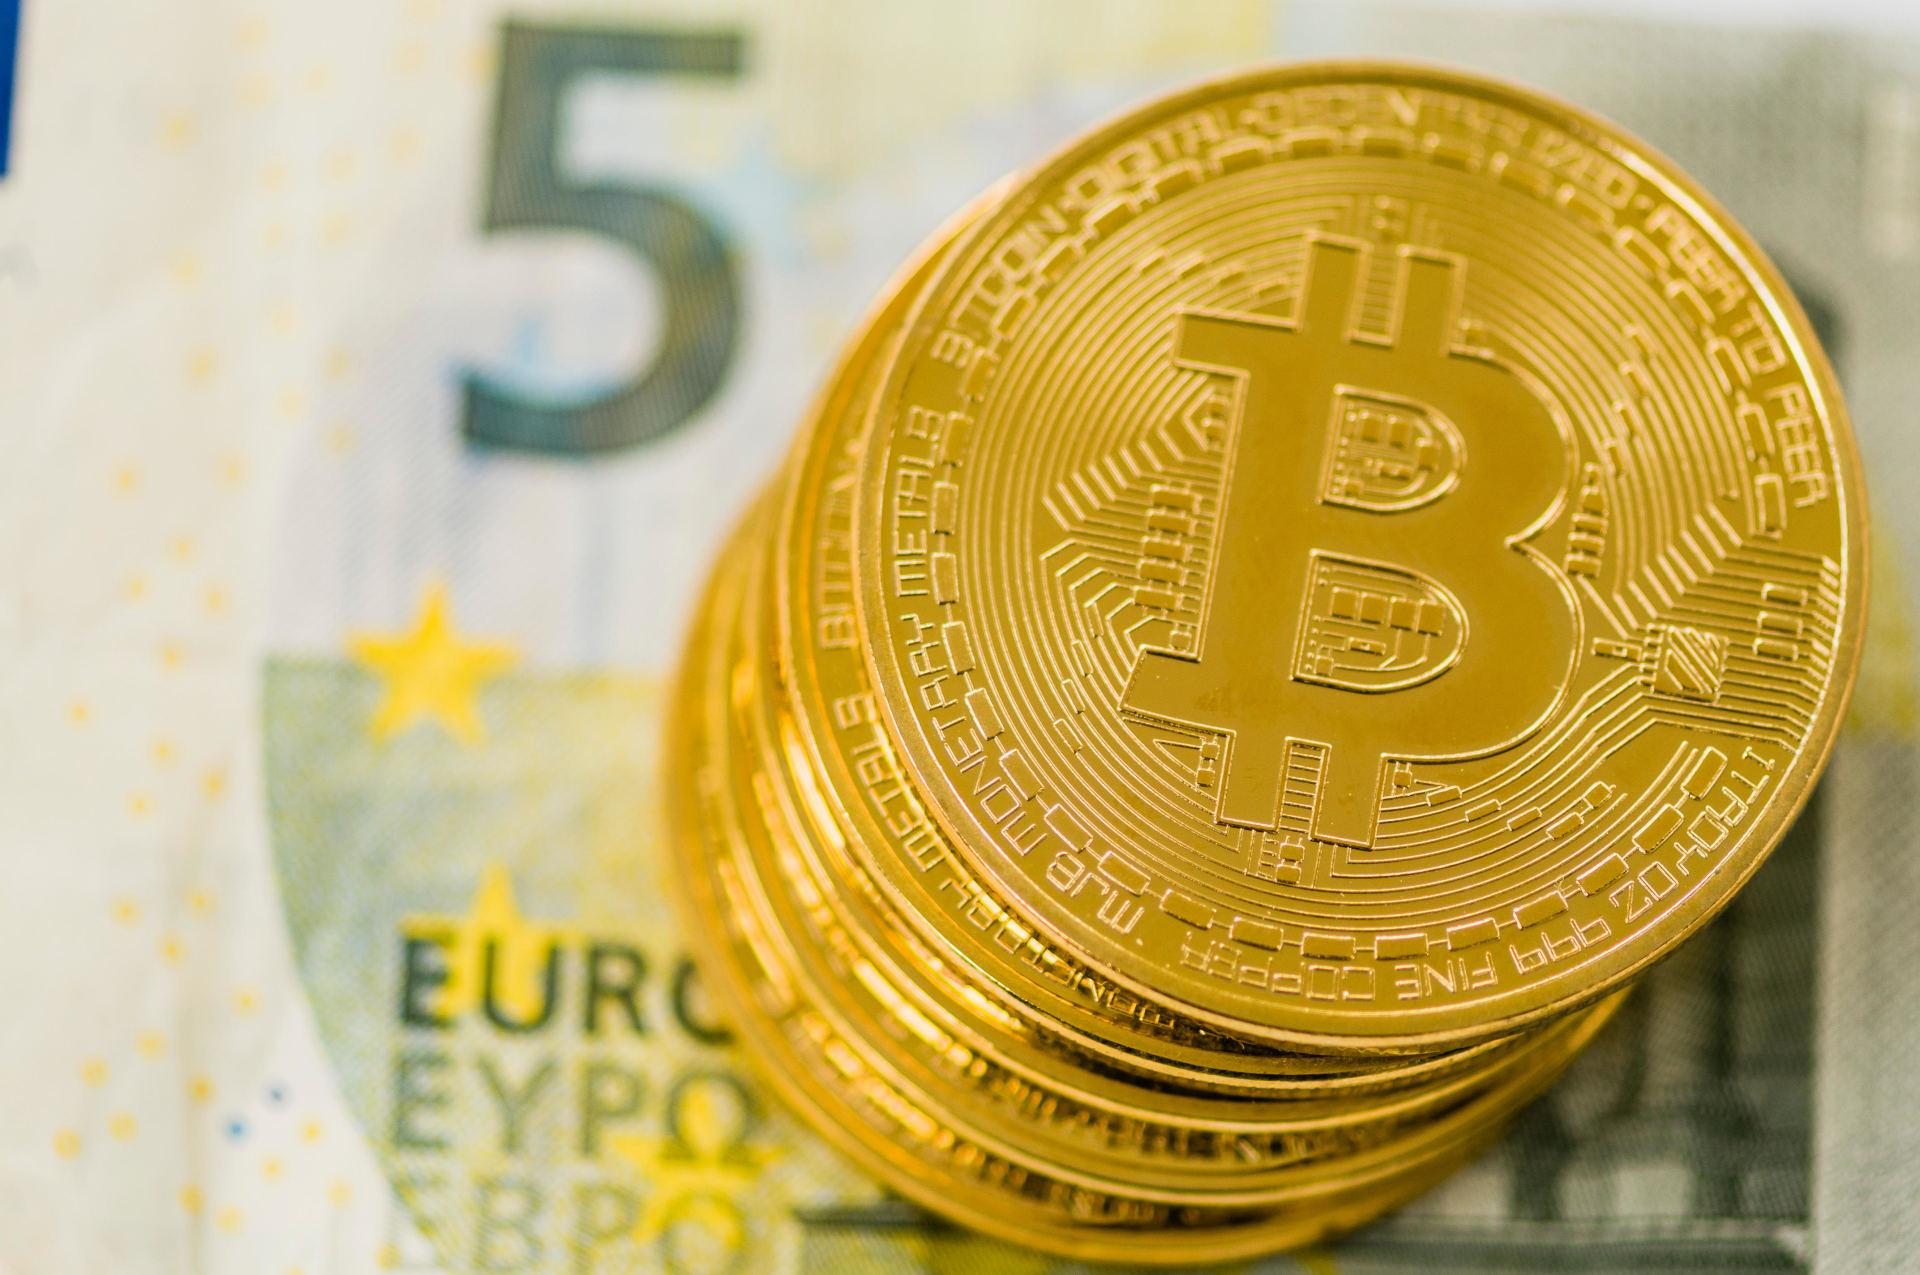 jav prekyba bitkoinais